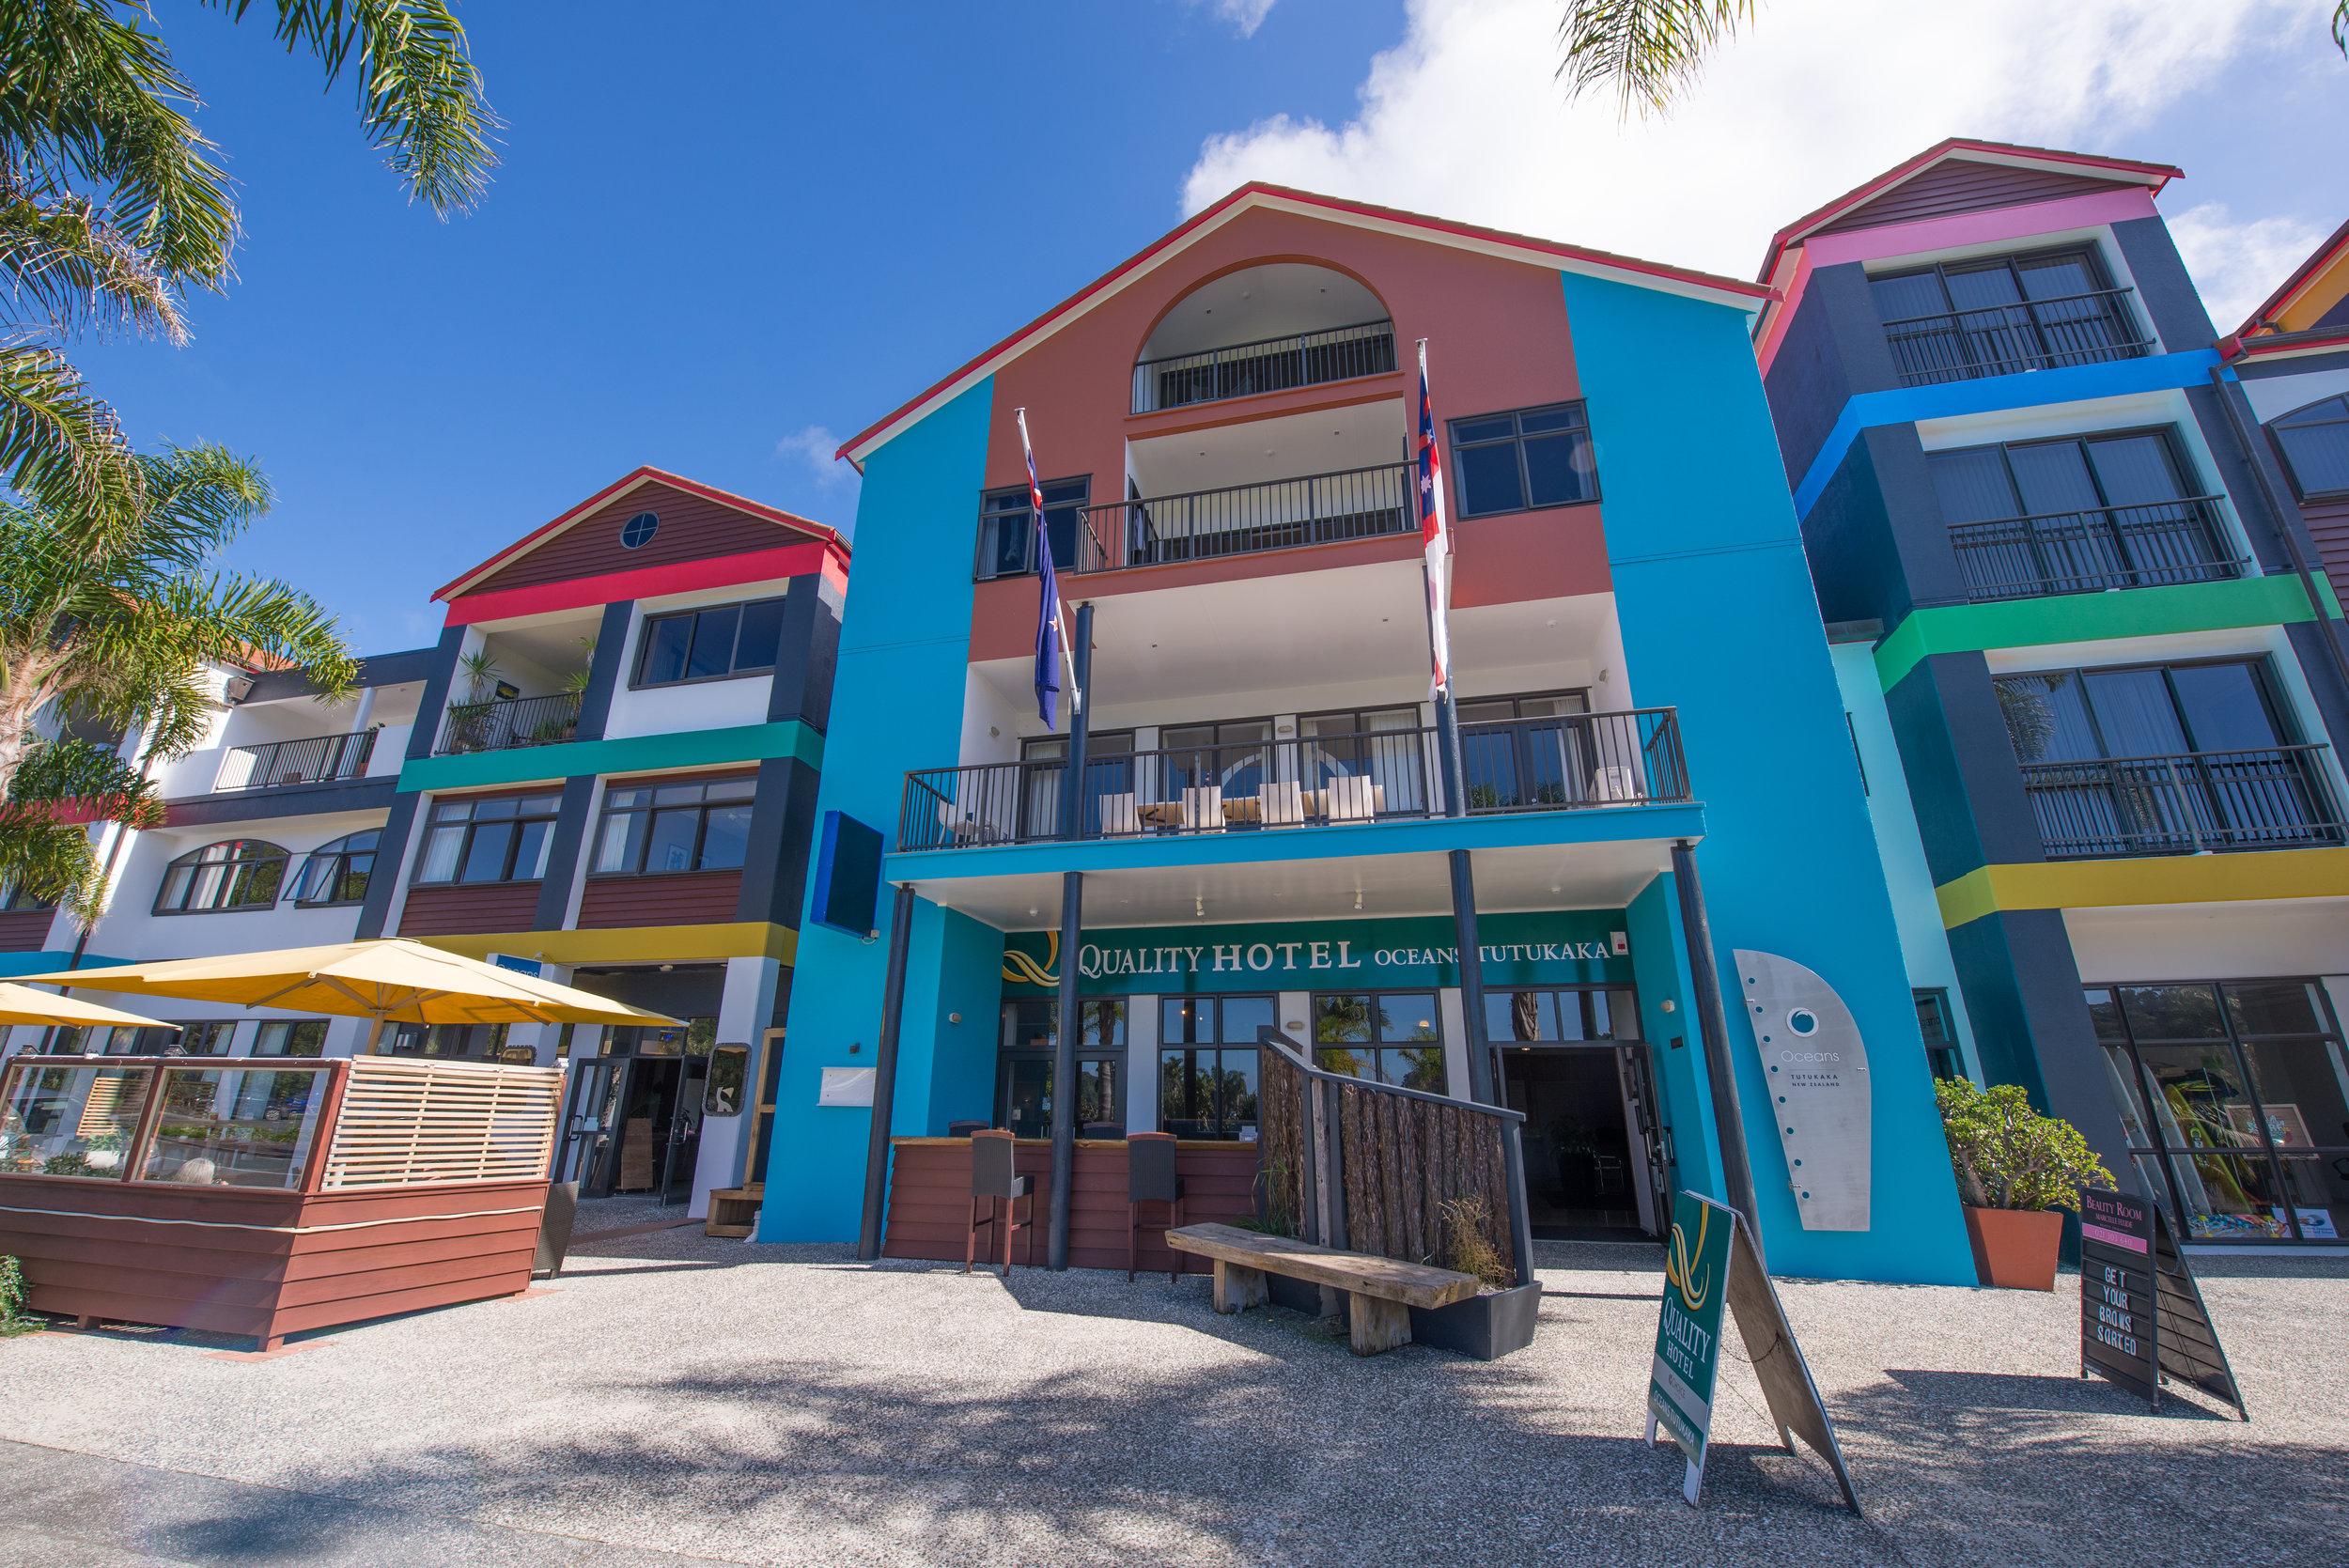 8 Iain Hotel Entrance.jpg